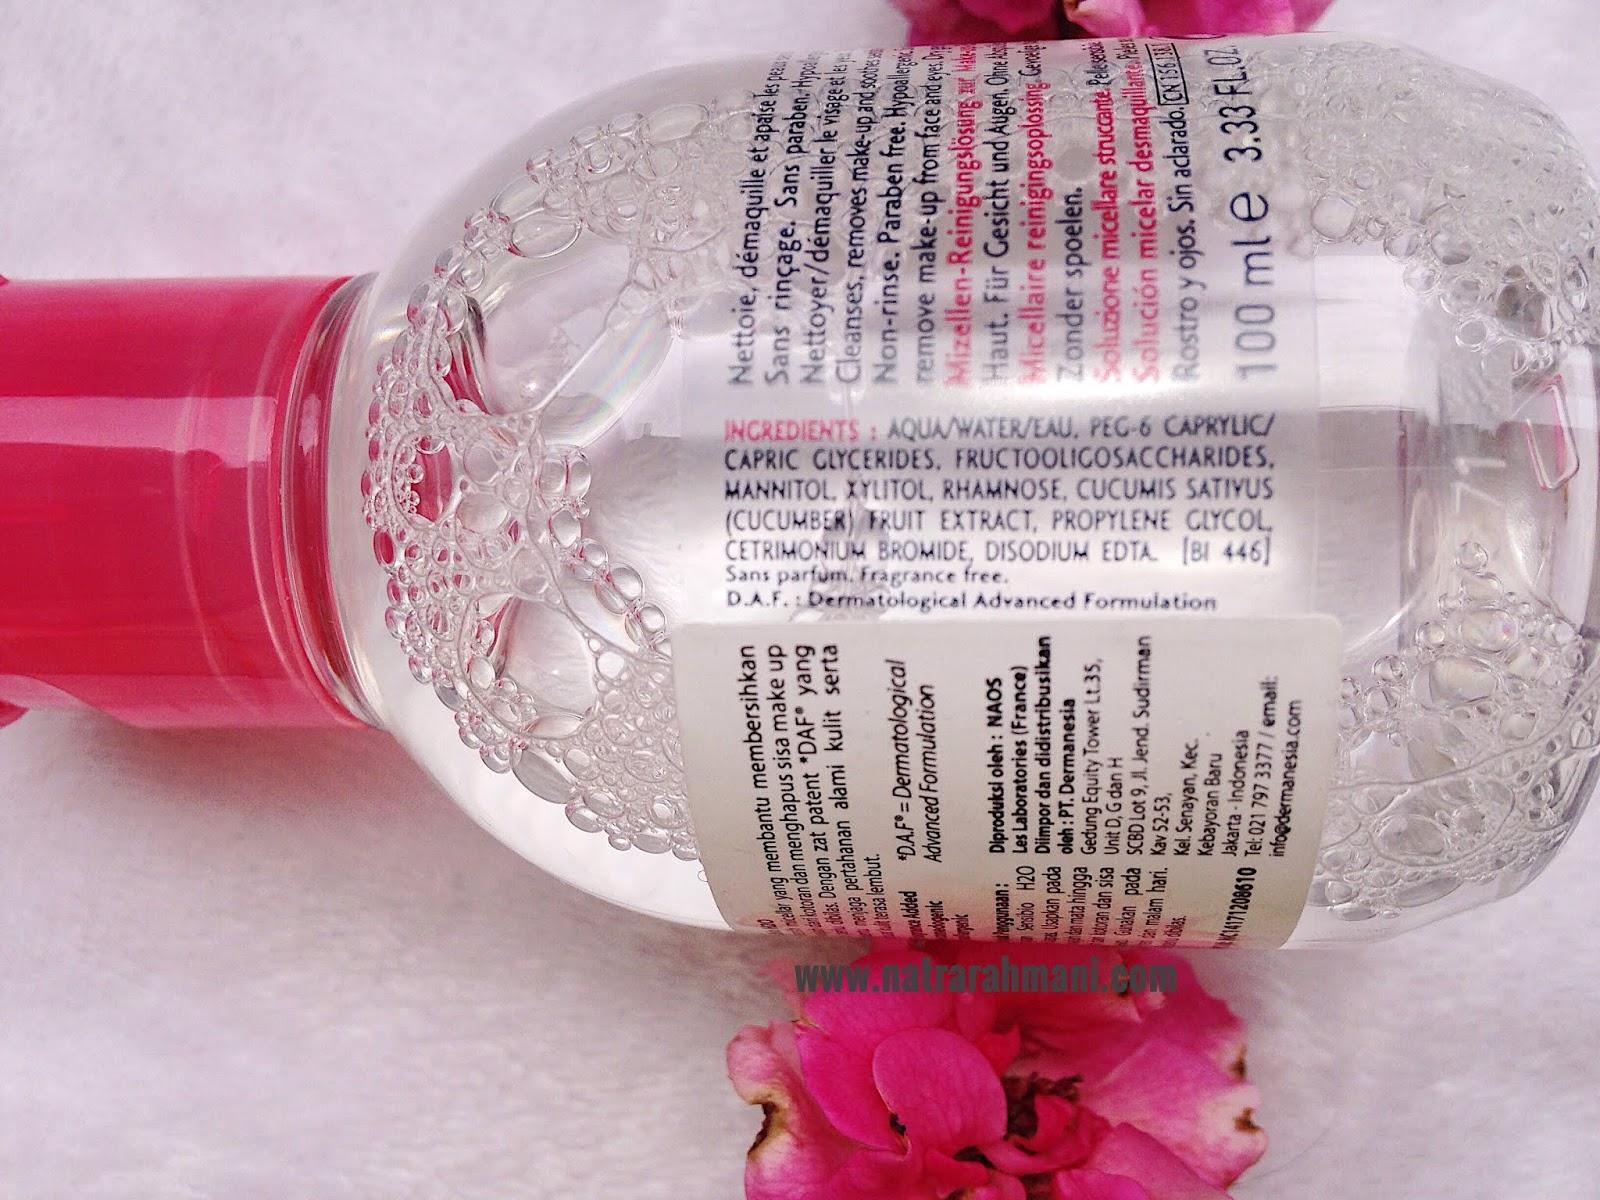 bioderma-sensibio-h2o-micellar-water-review-natrarahmani